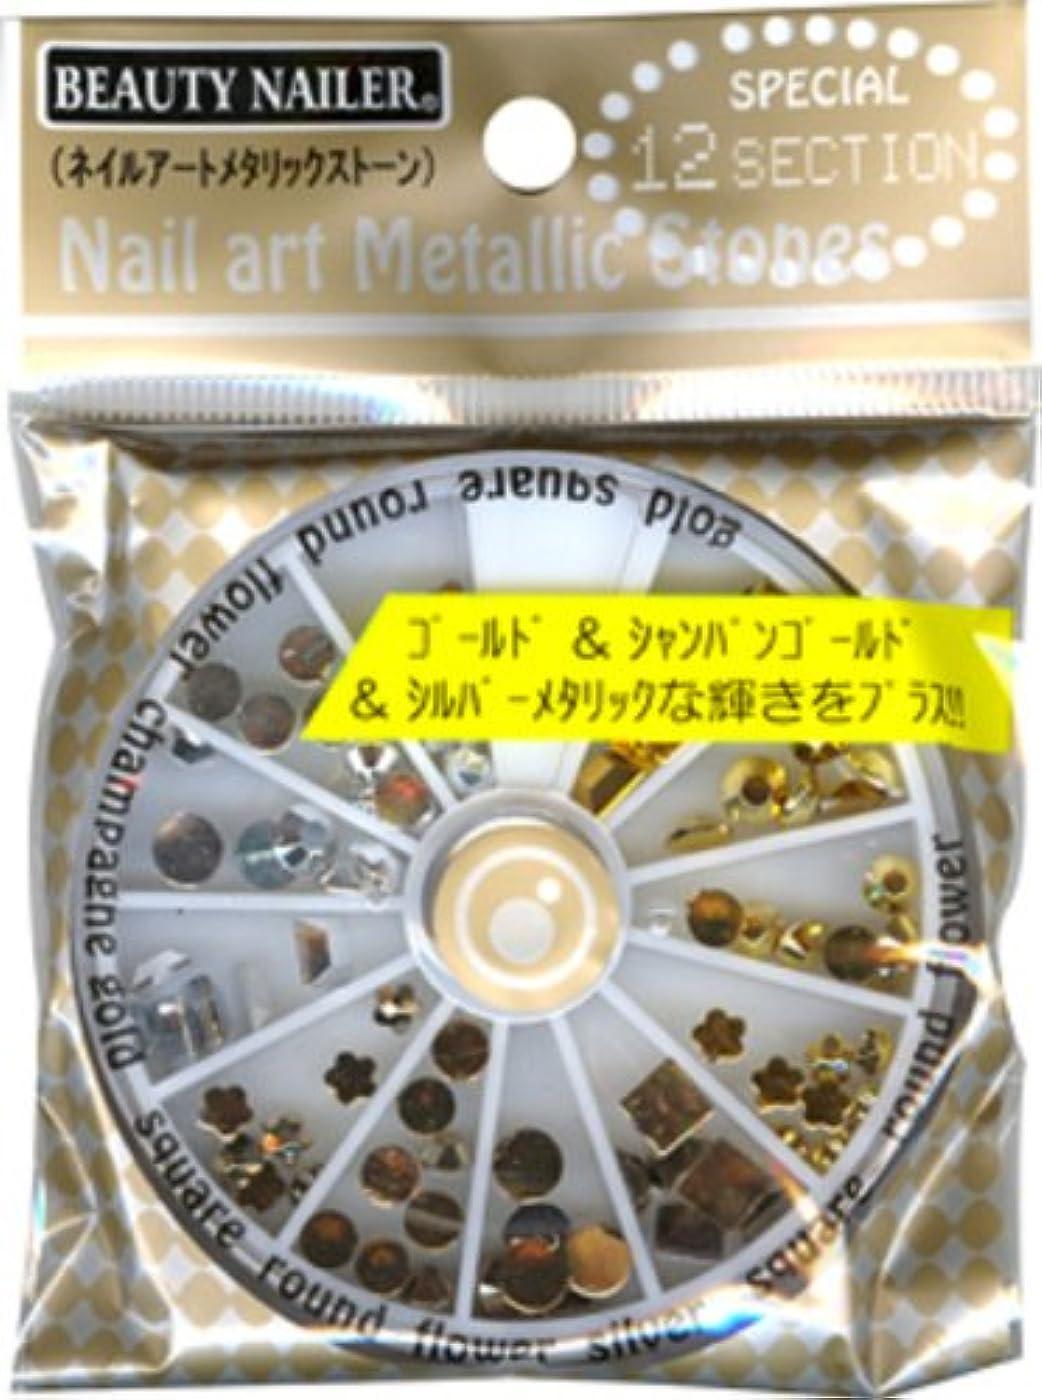 贅沢やめる悪意のあるネイルアクリルストーン NAA-30 (ゴールド&シャパンゴールド&シルバーでメタリックな輝きをプラス)